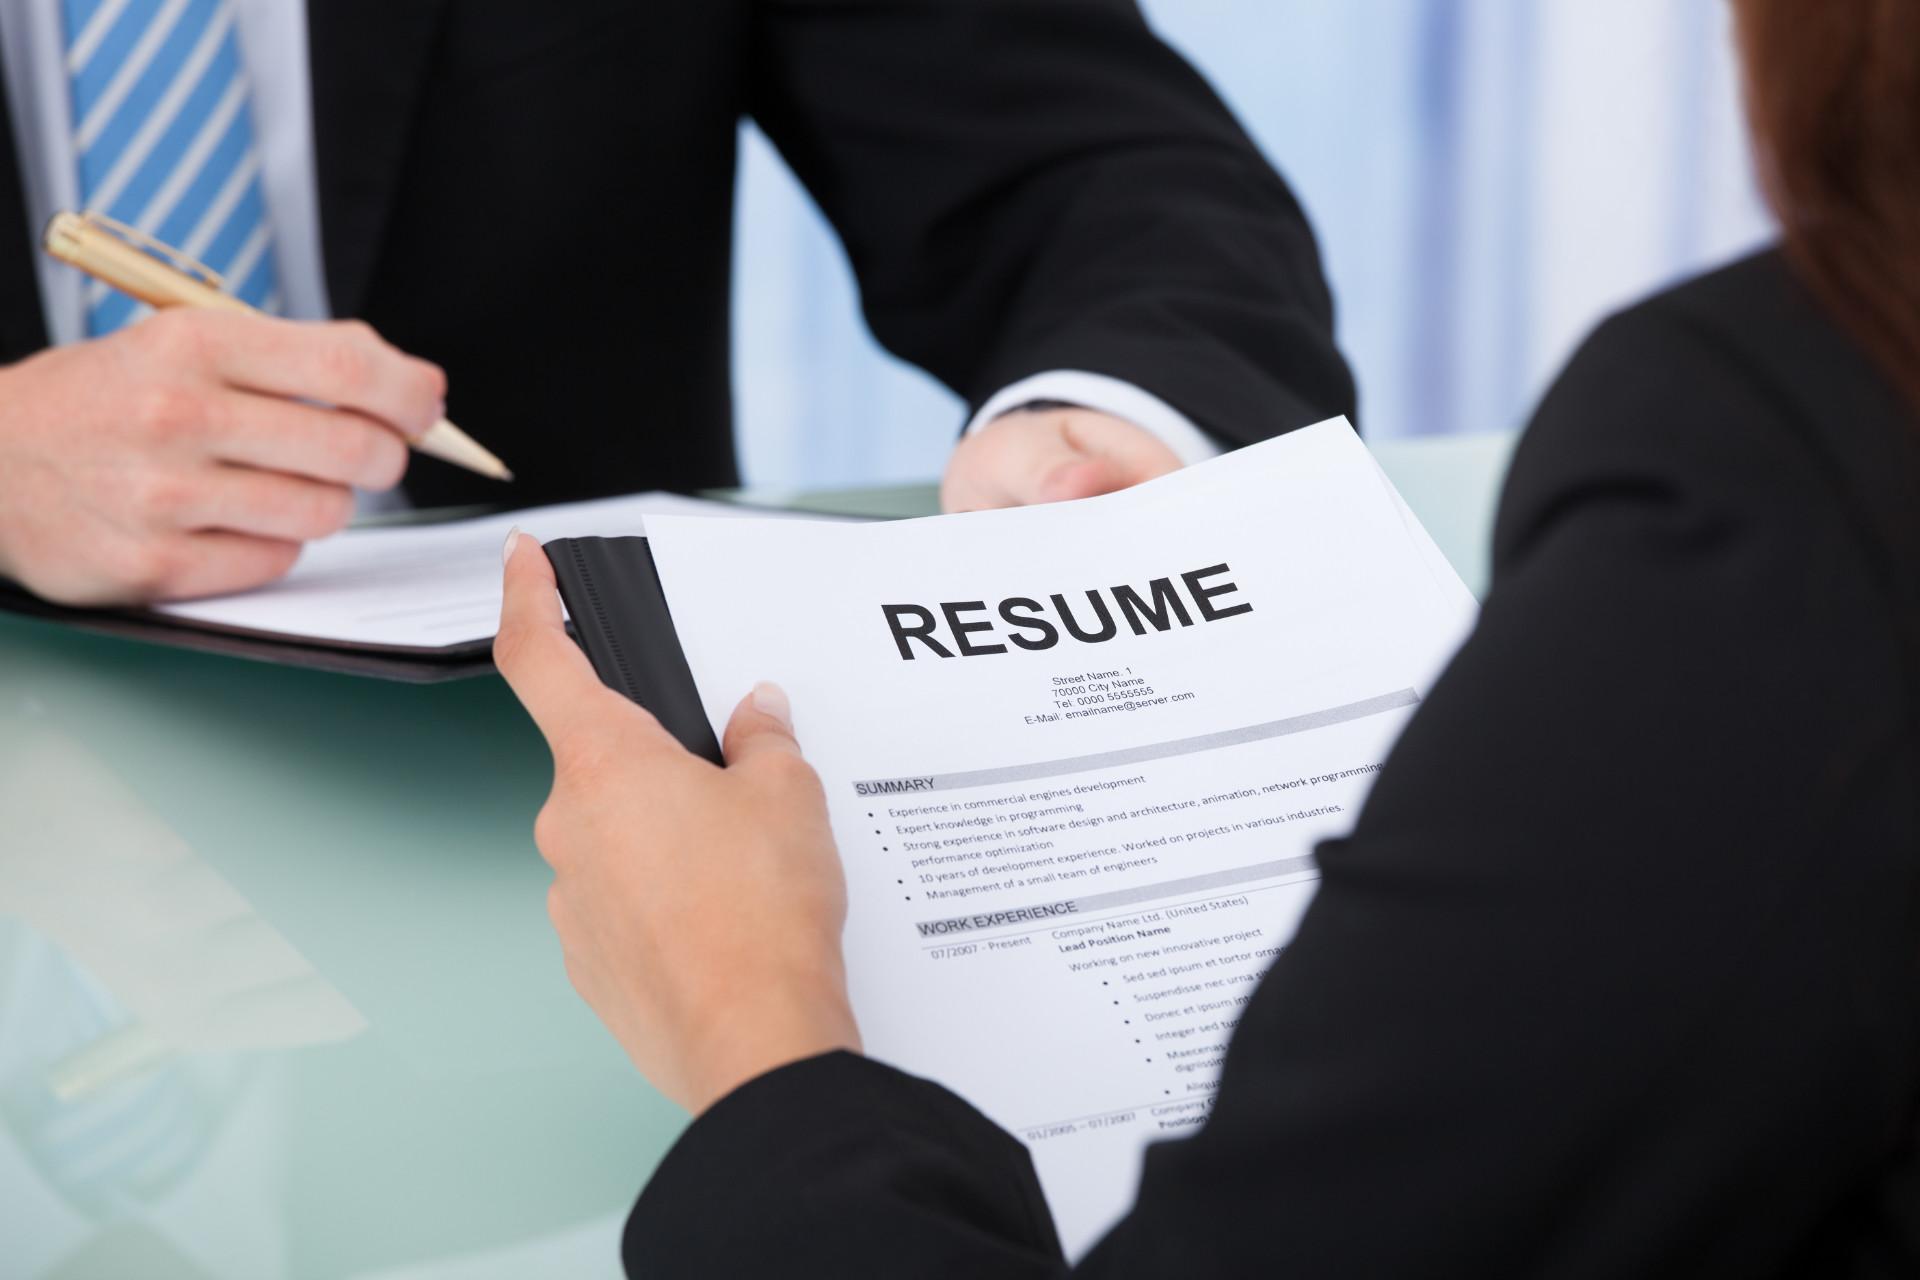 Empresas de recrutamento